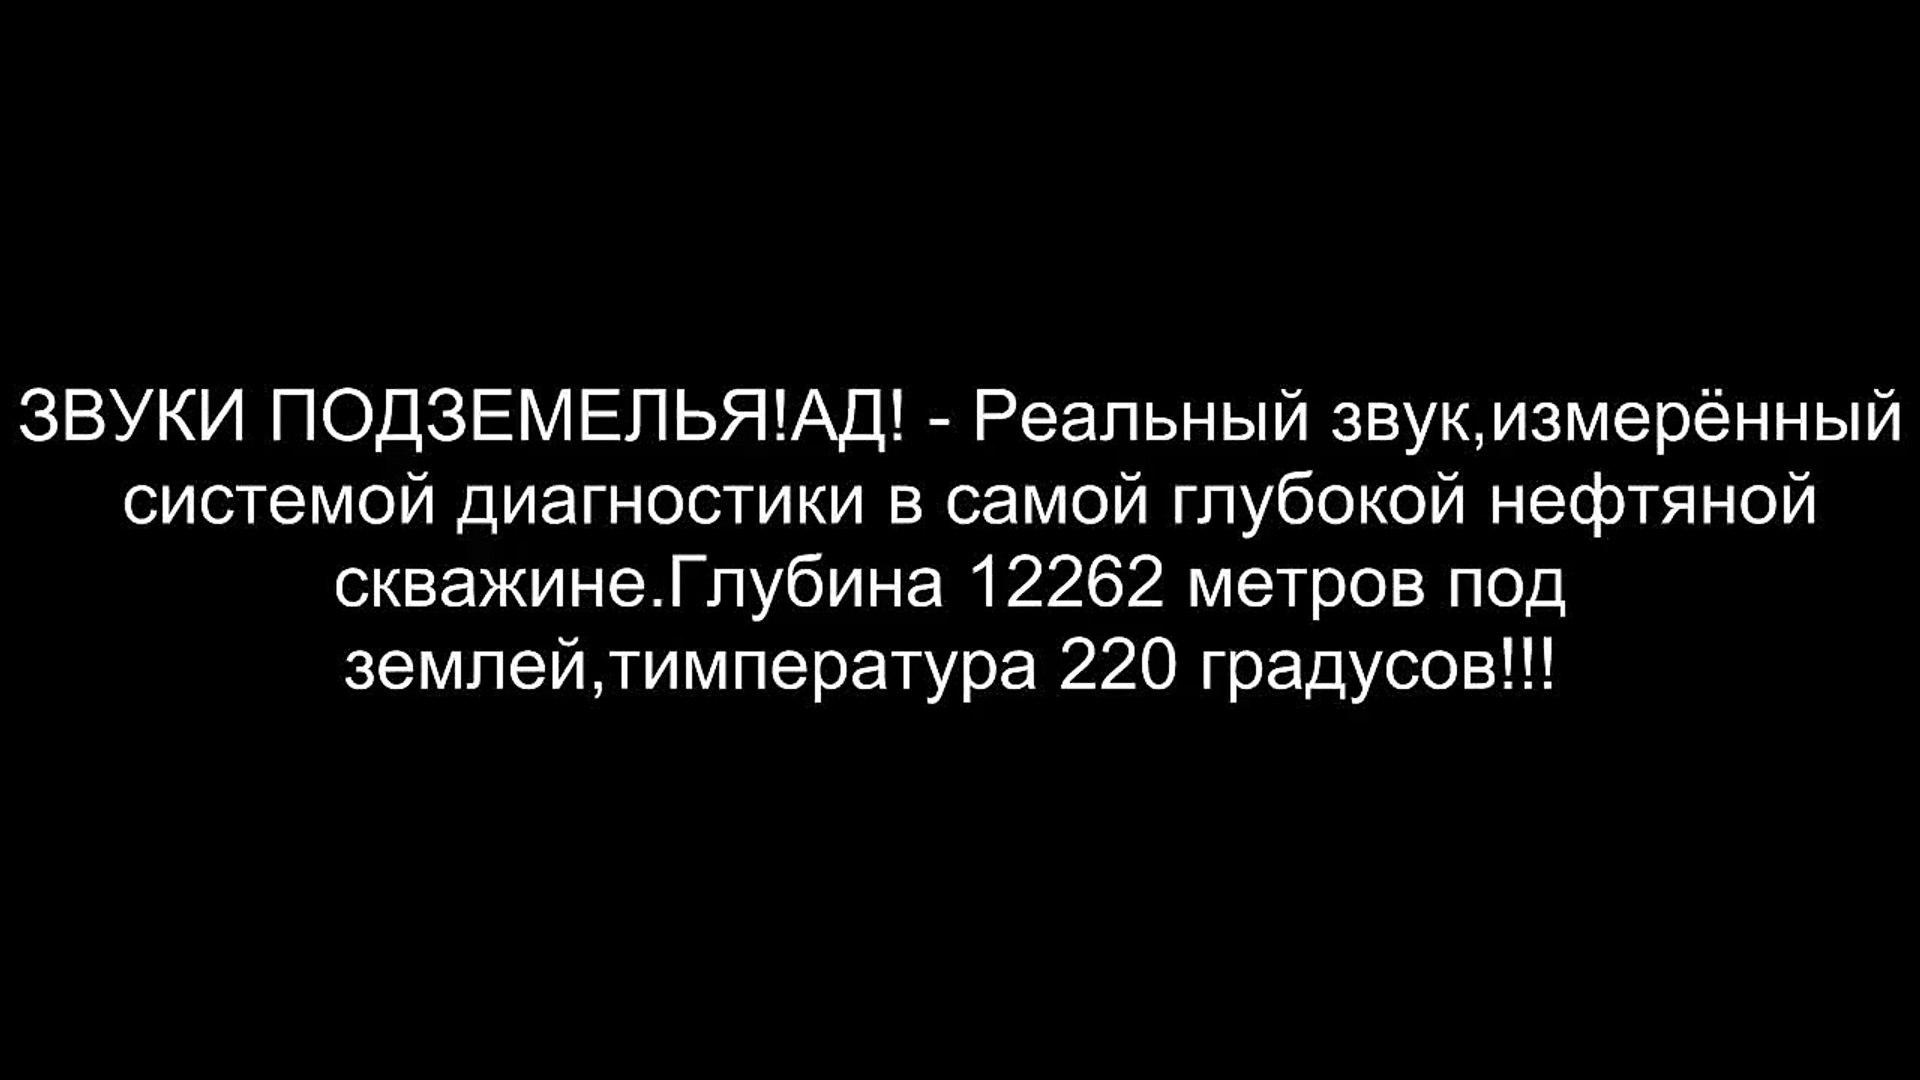 Звуки ада, глубина 12262 метров под землей (the sound of hell, depth of 12262 meters underground)